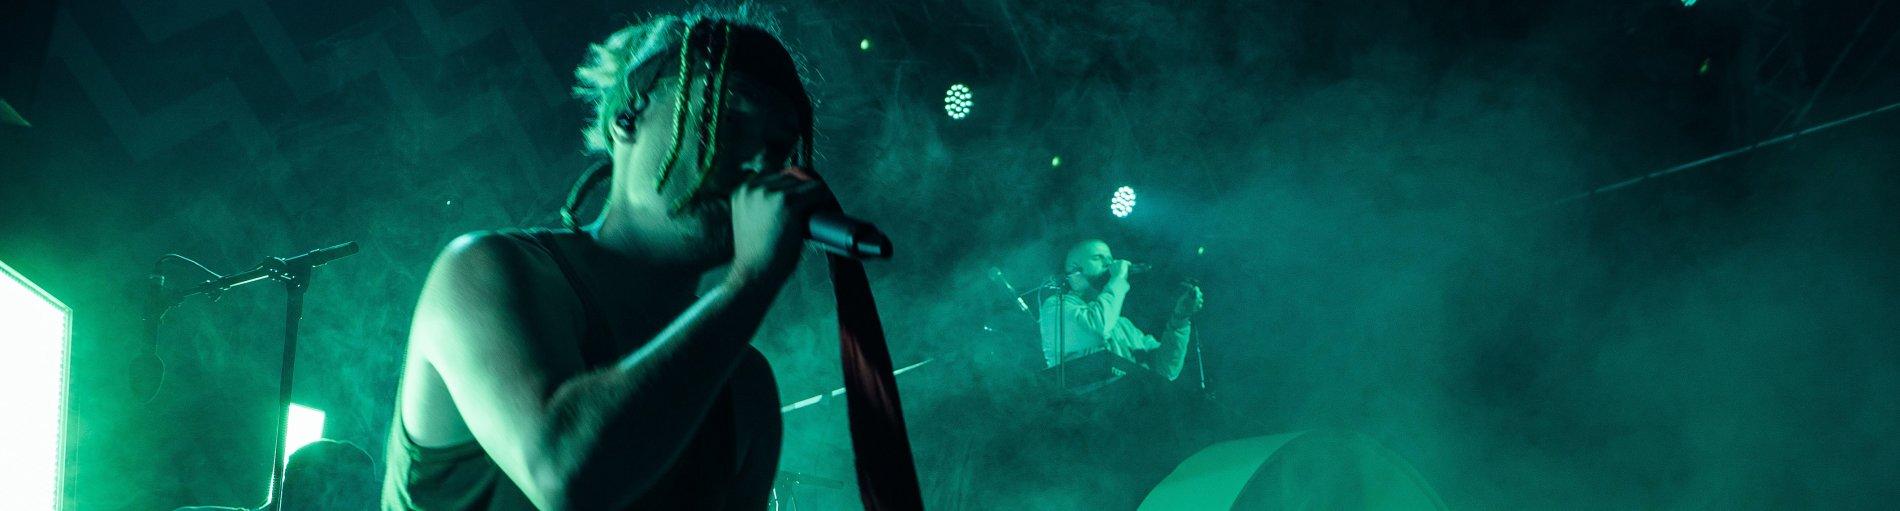 Die Orsons bei einem Auftritt. Der Liedsänger steht im Vordergrund und hat ein Mikrofon in der Hand.